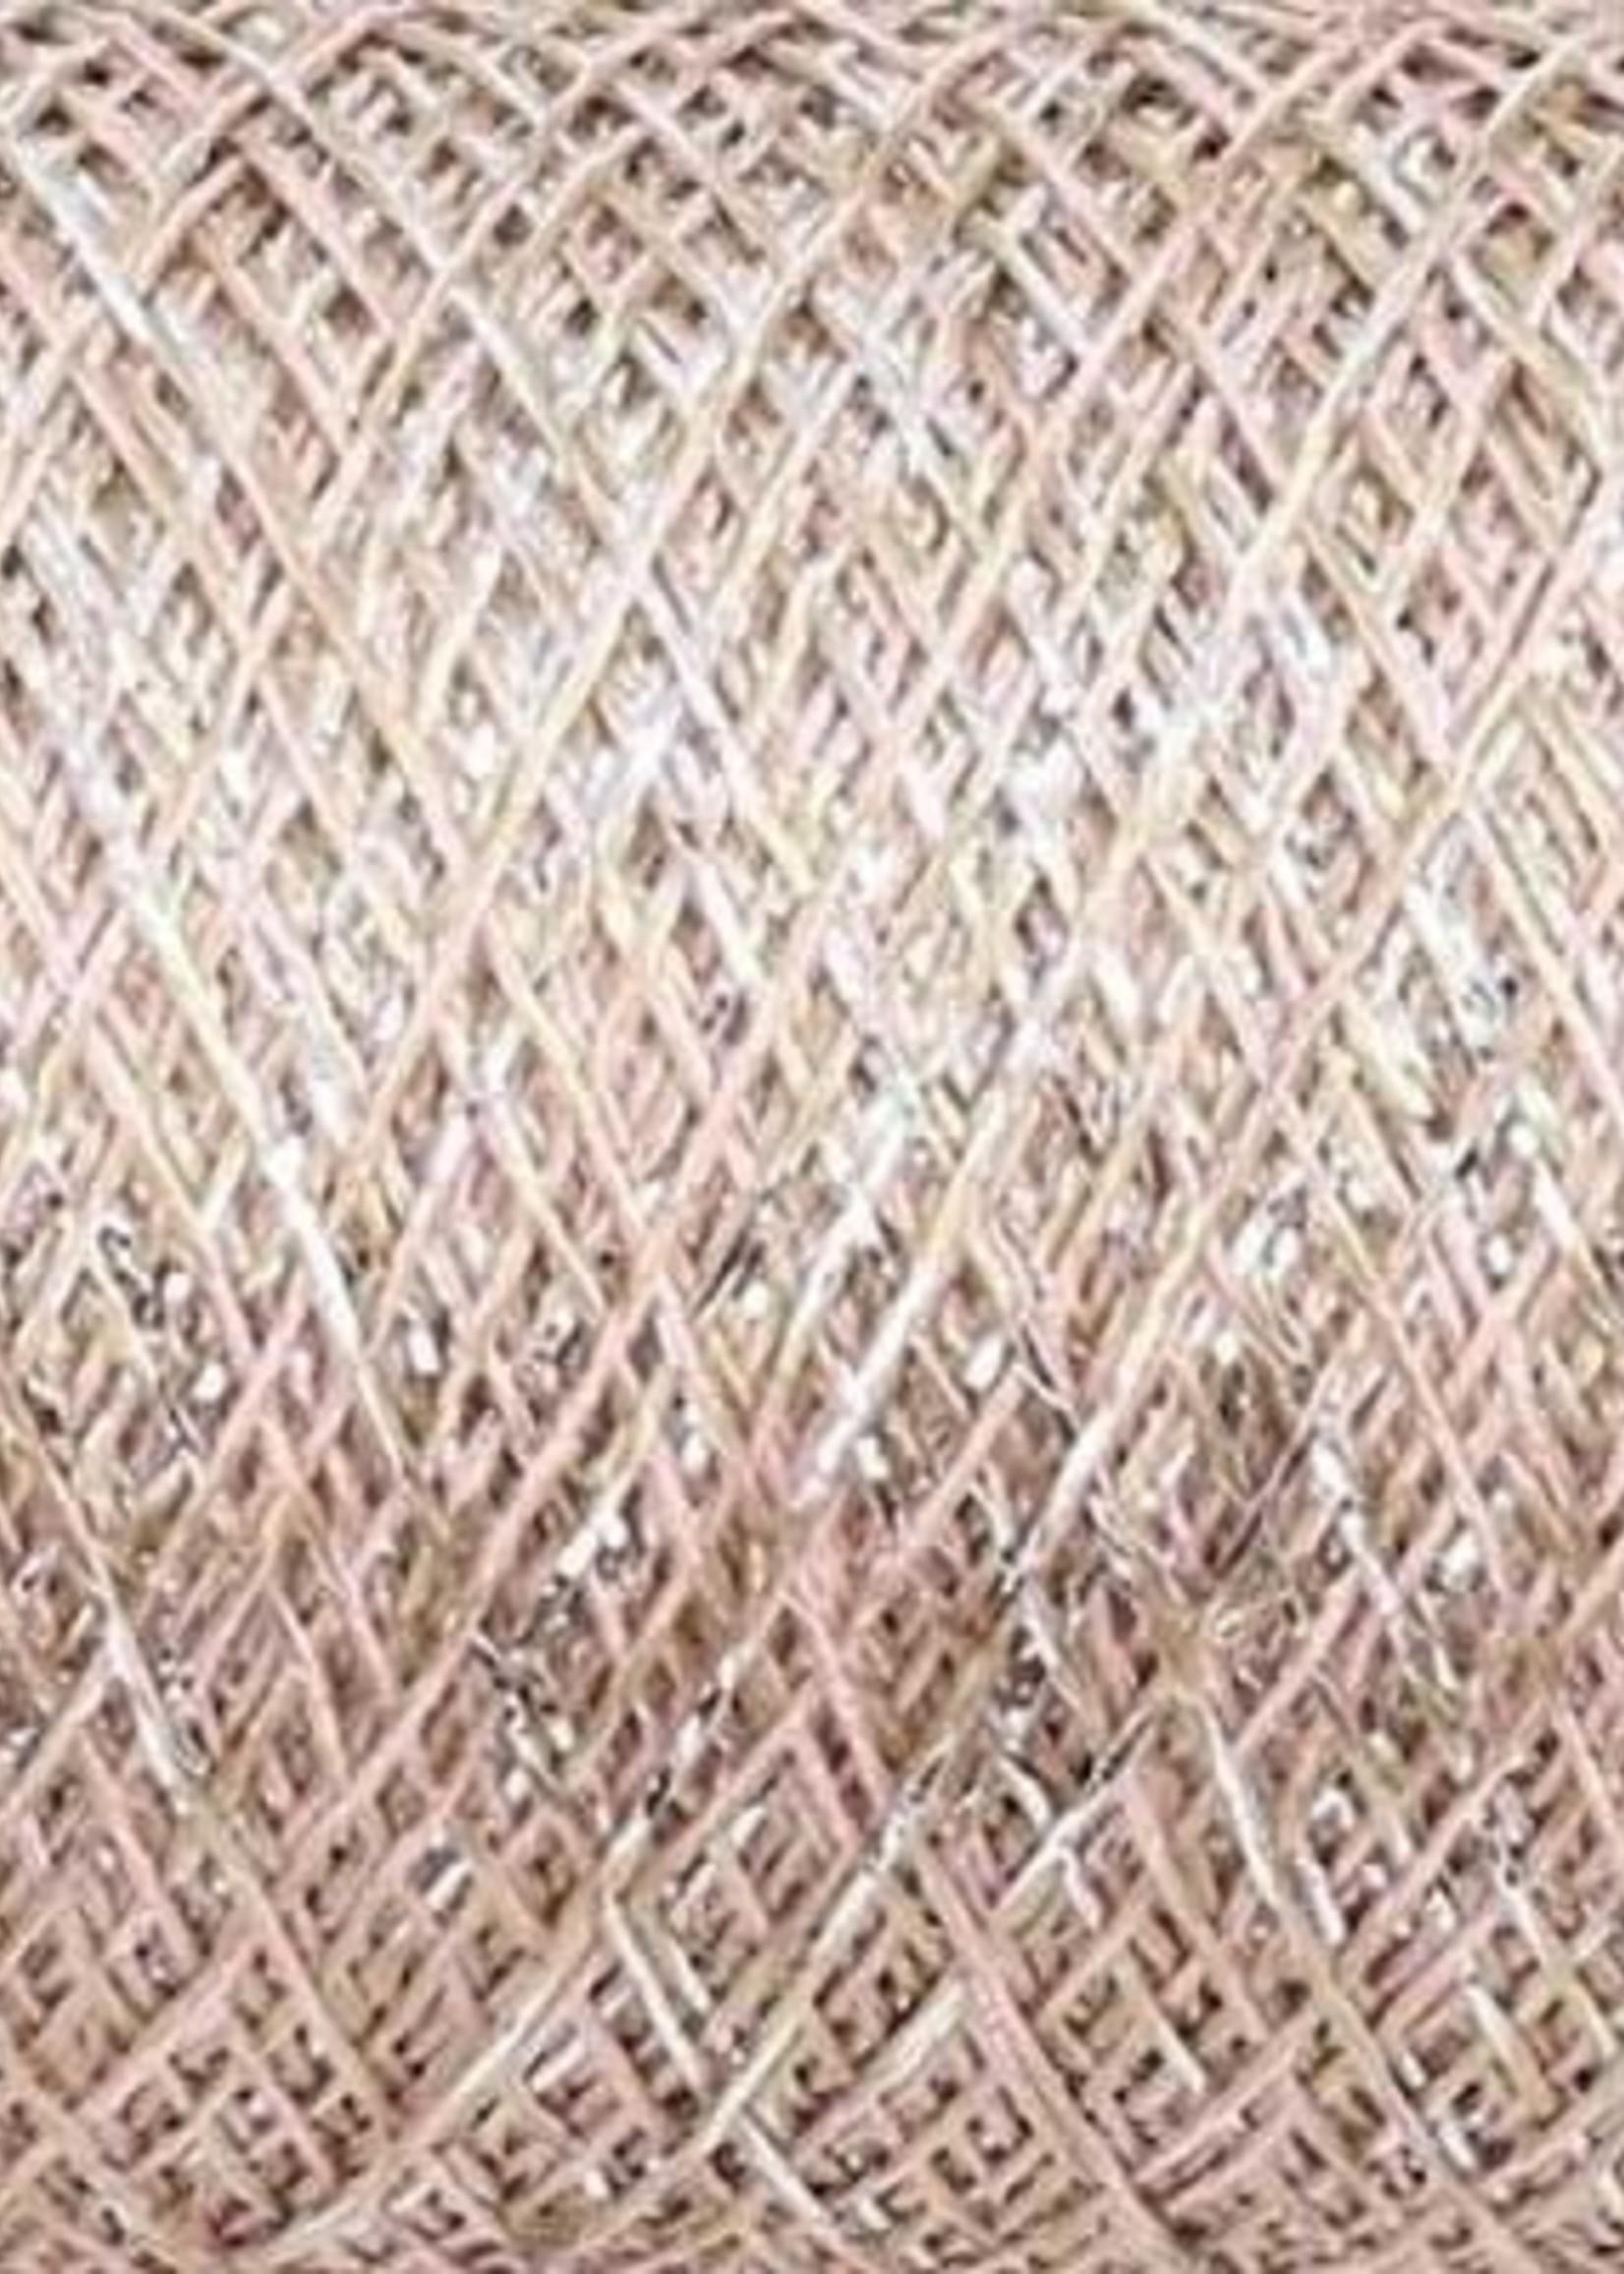 Kremke Soul Wool Kremke Stellaris Metallic Lace - 132 Light Pinky Beige Silver